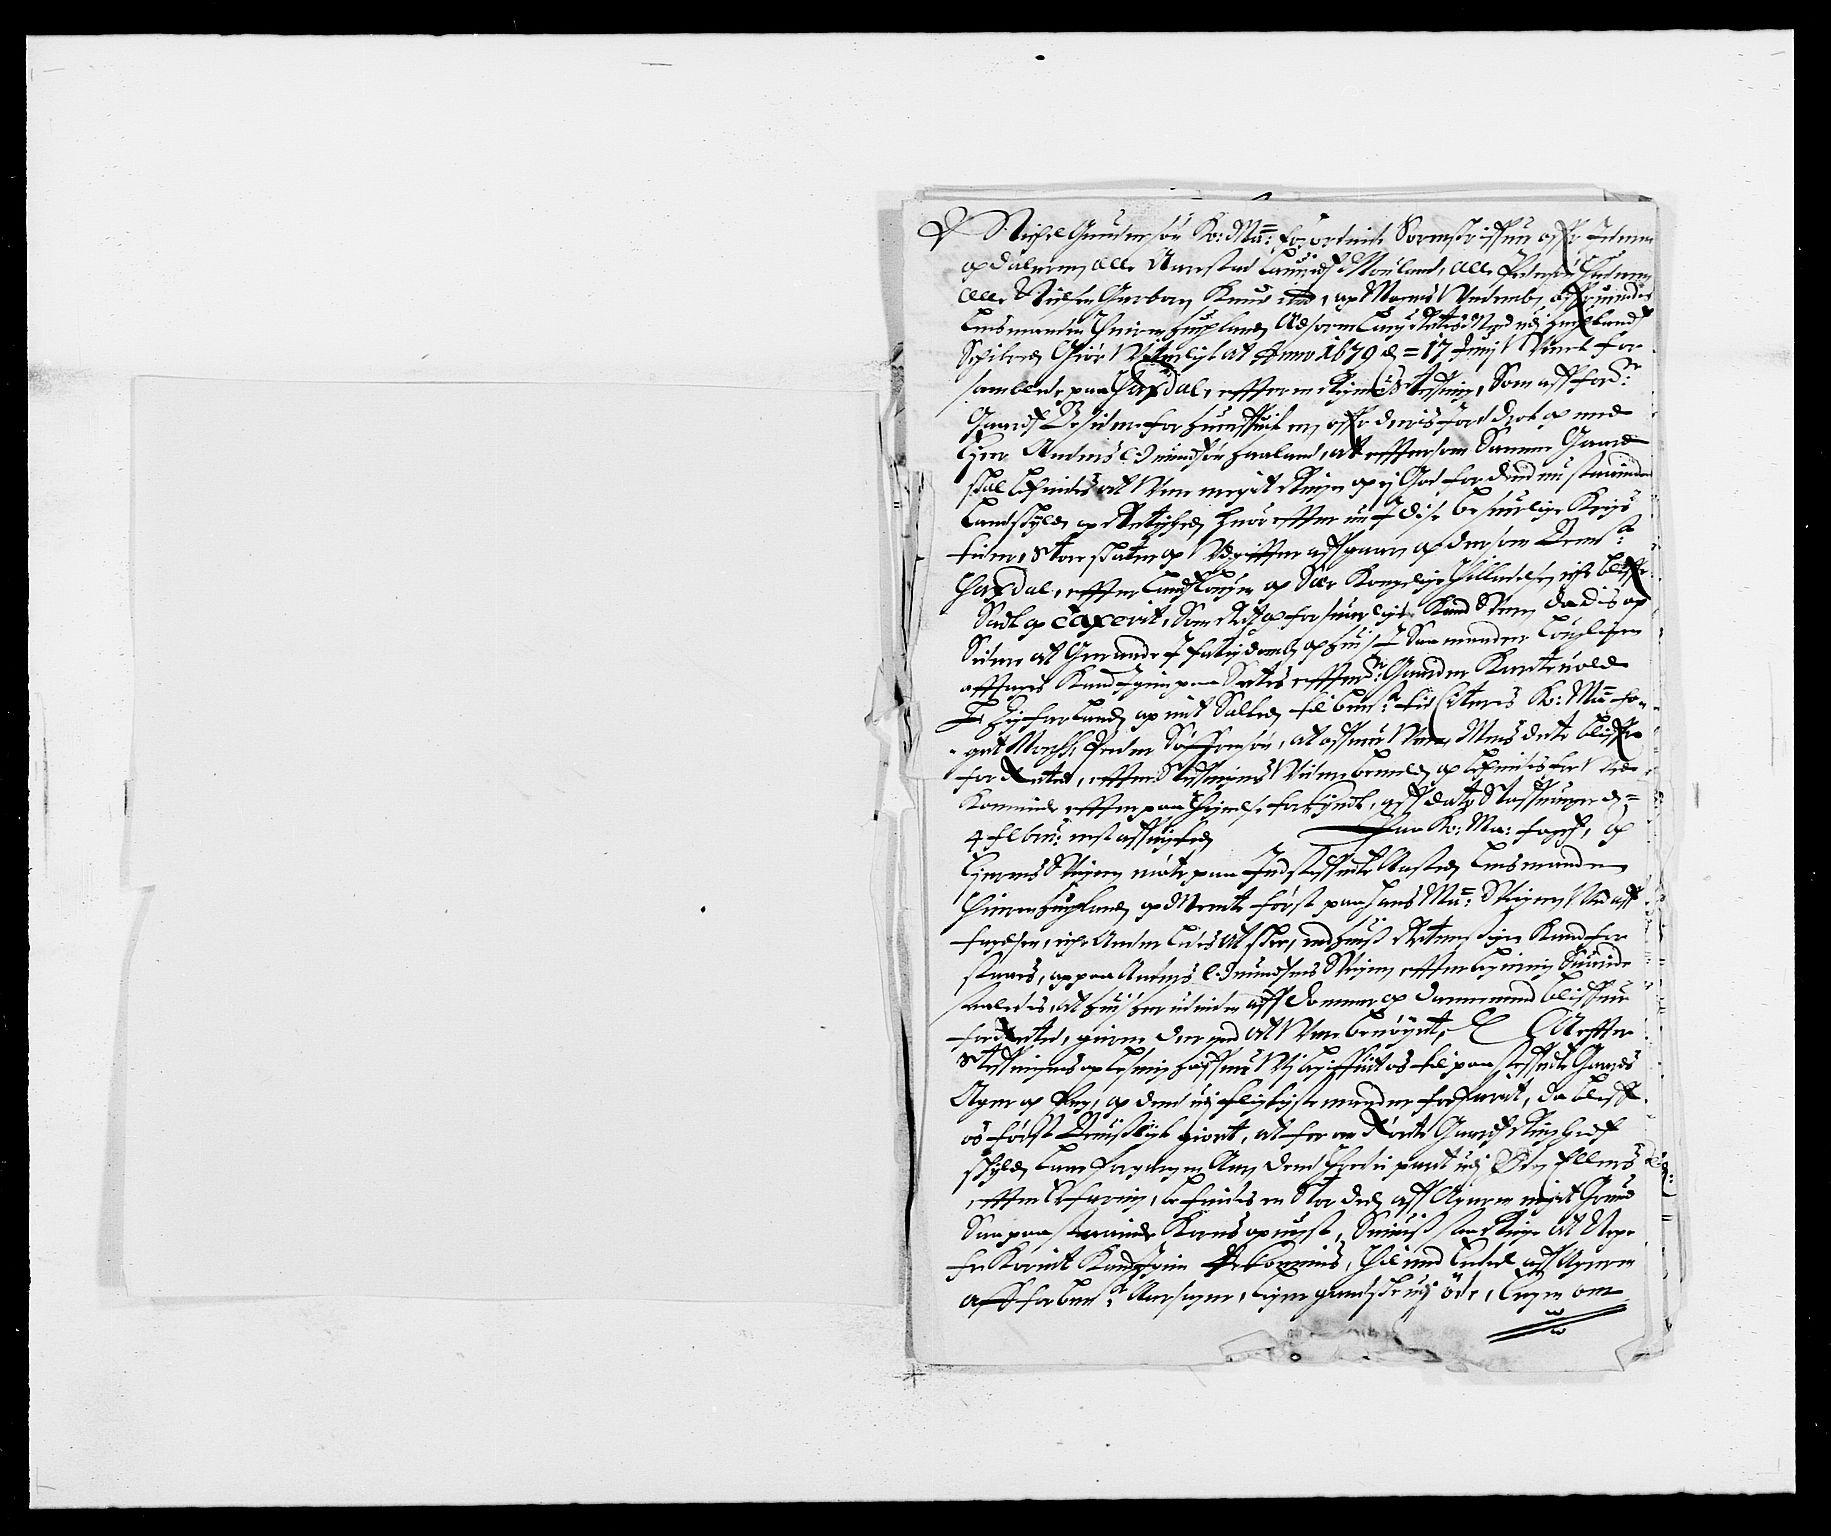 RA, Rentekammeret inntil 1814, Reviderte regnskaper, Fogderegnskap, R46/L2720: Fogderegnskap Jæren og Dalane, 1679, s. 2